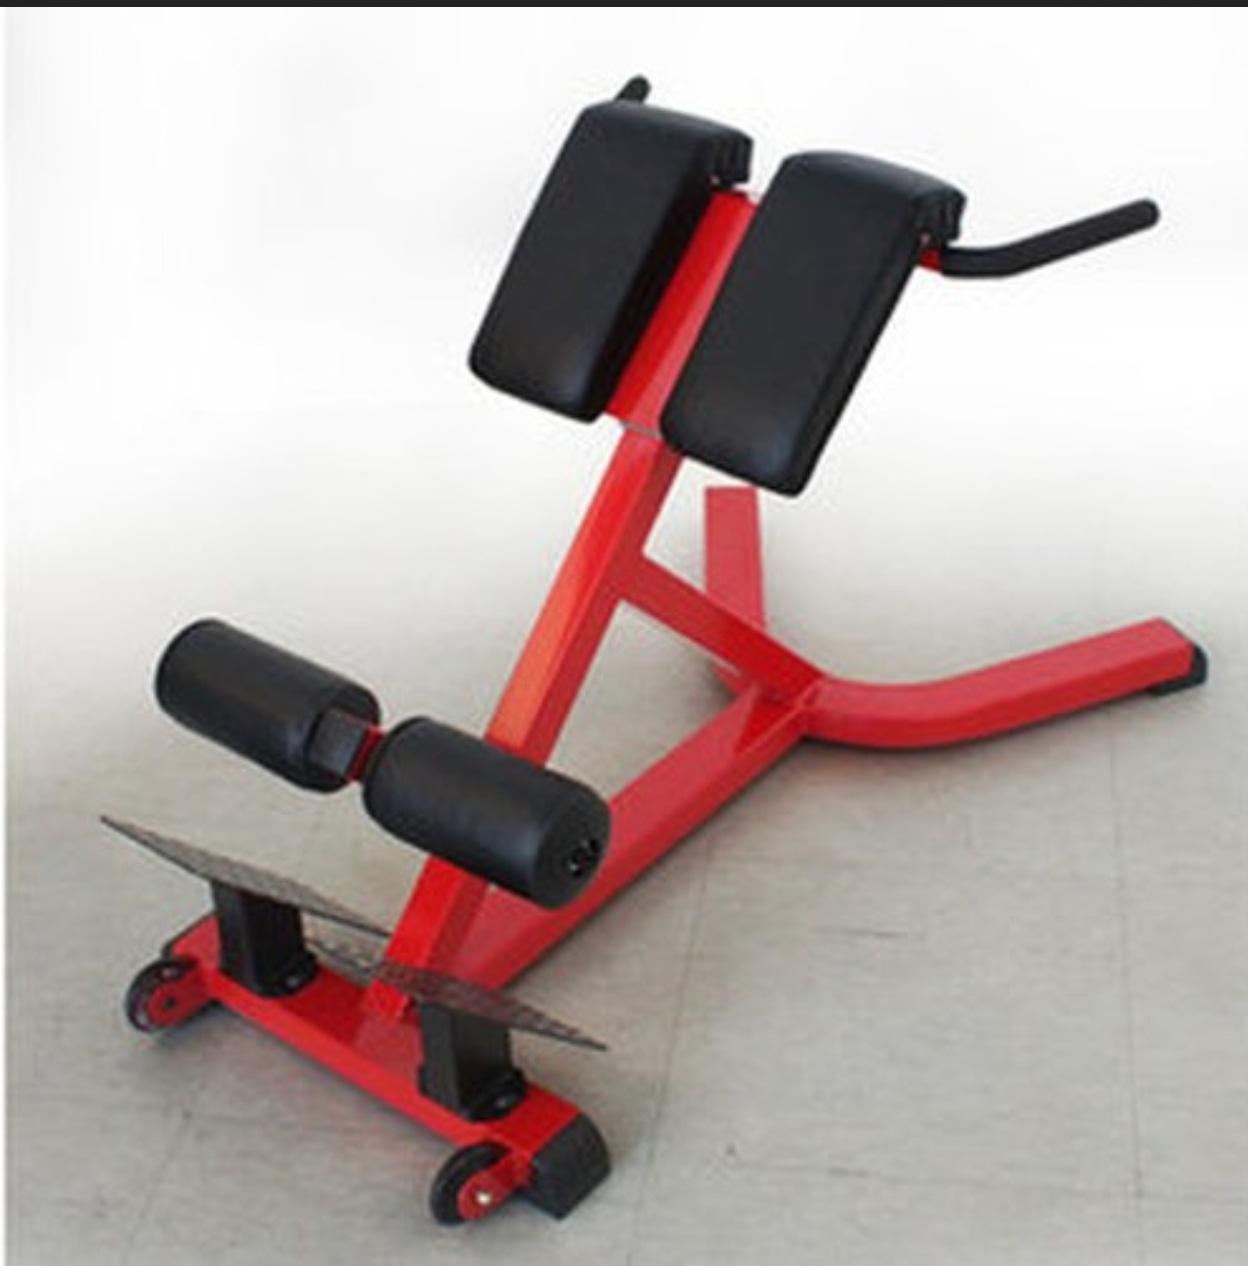 웨이트닝기구,등운동,코어운동,허리운동기구